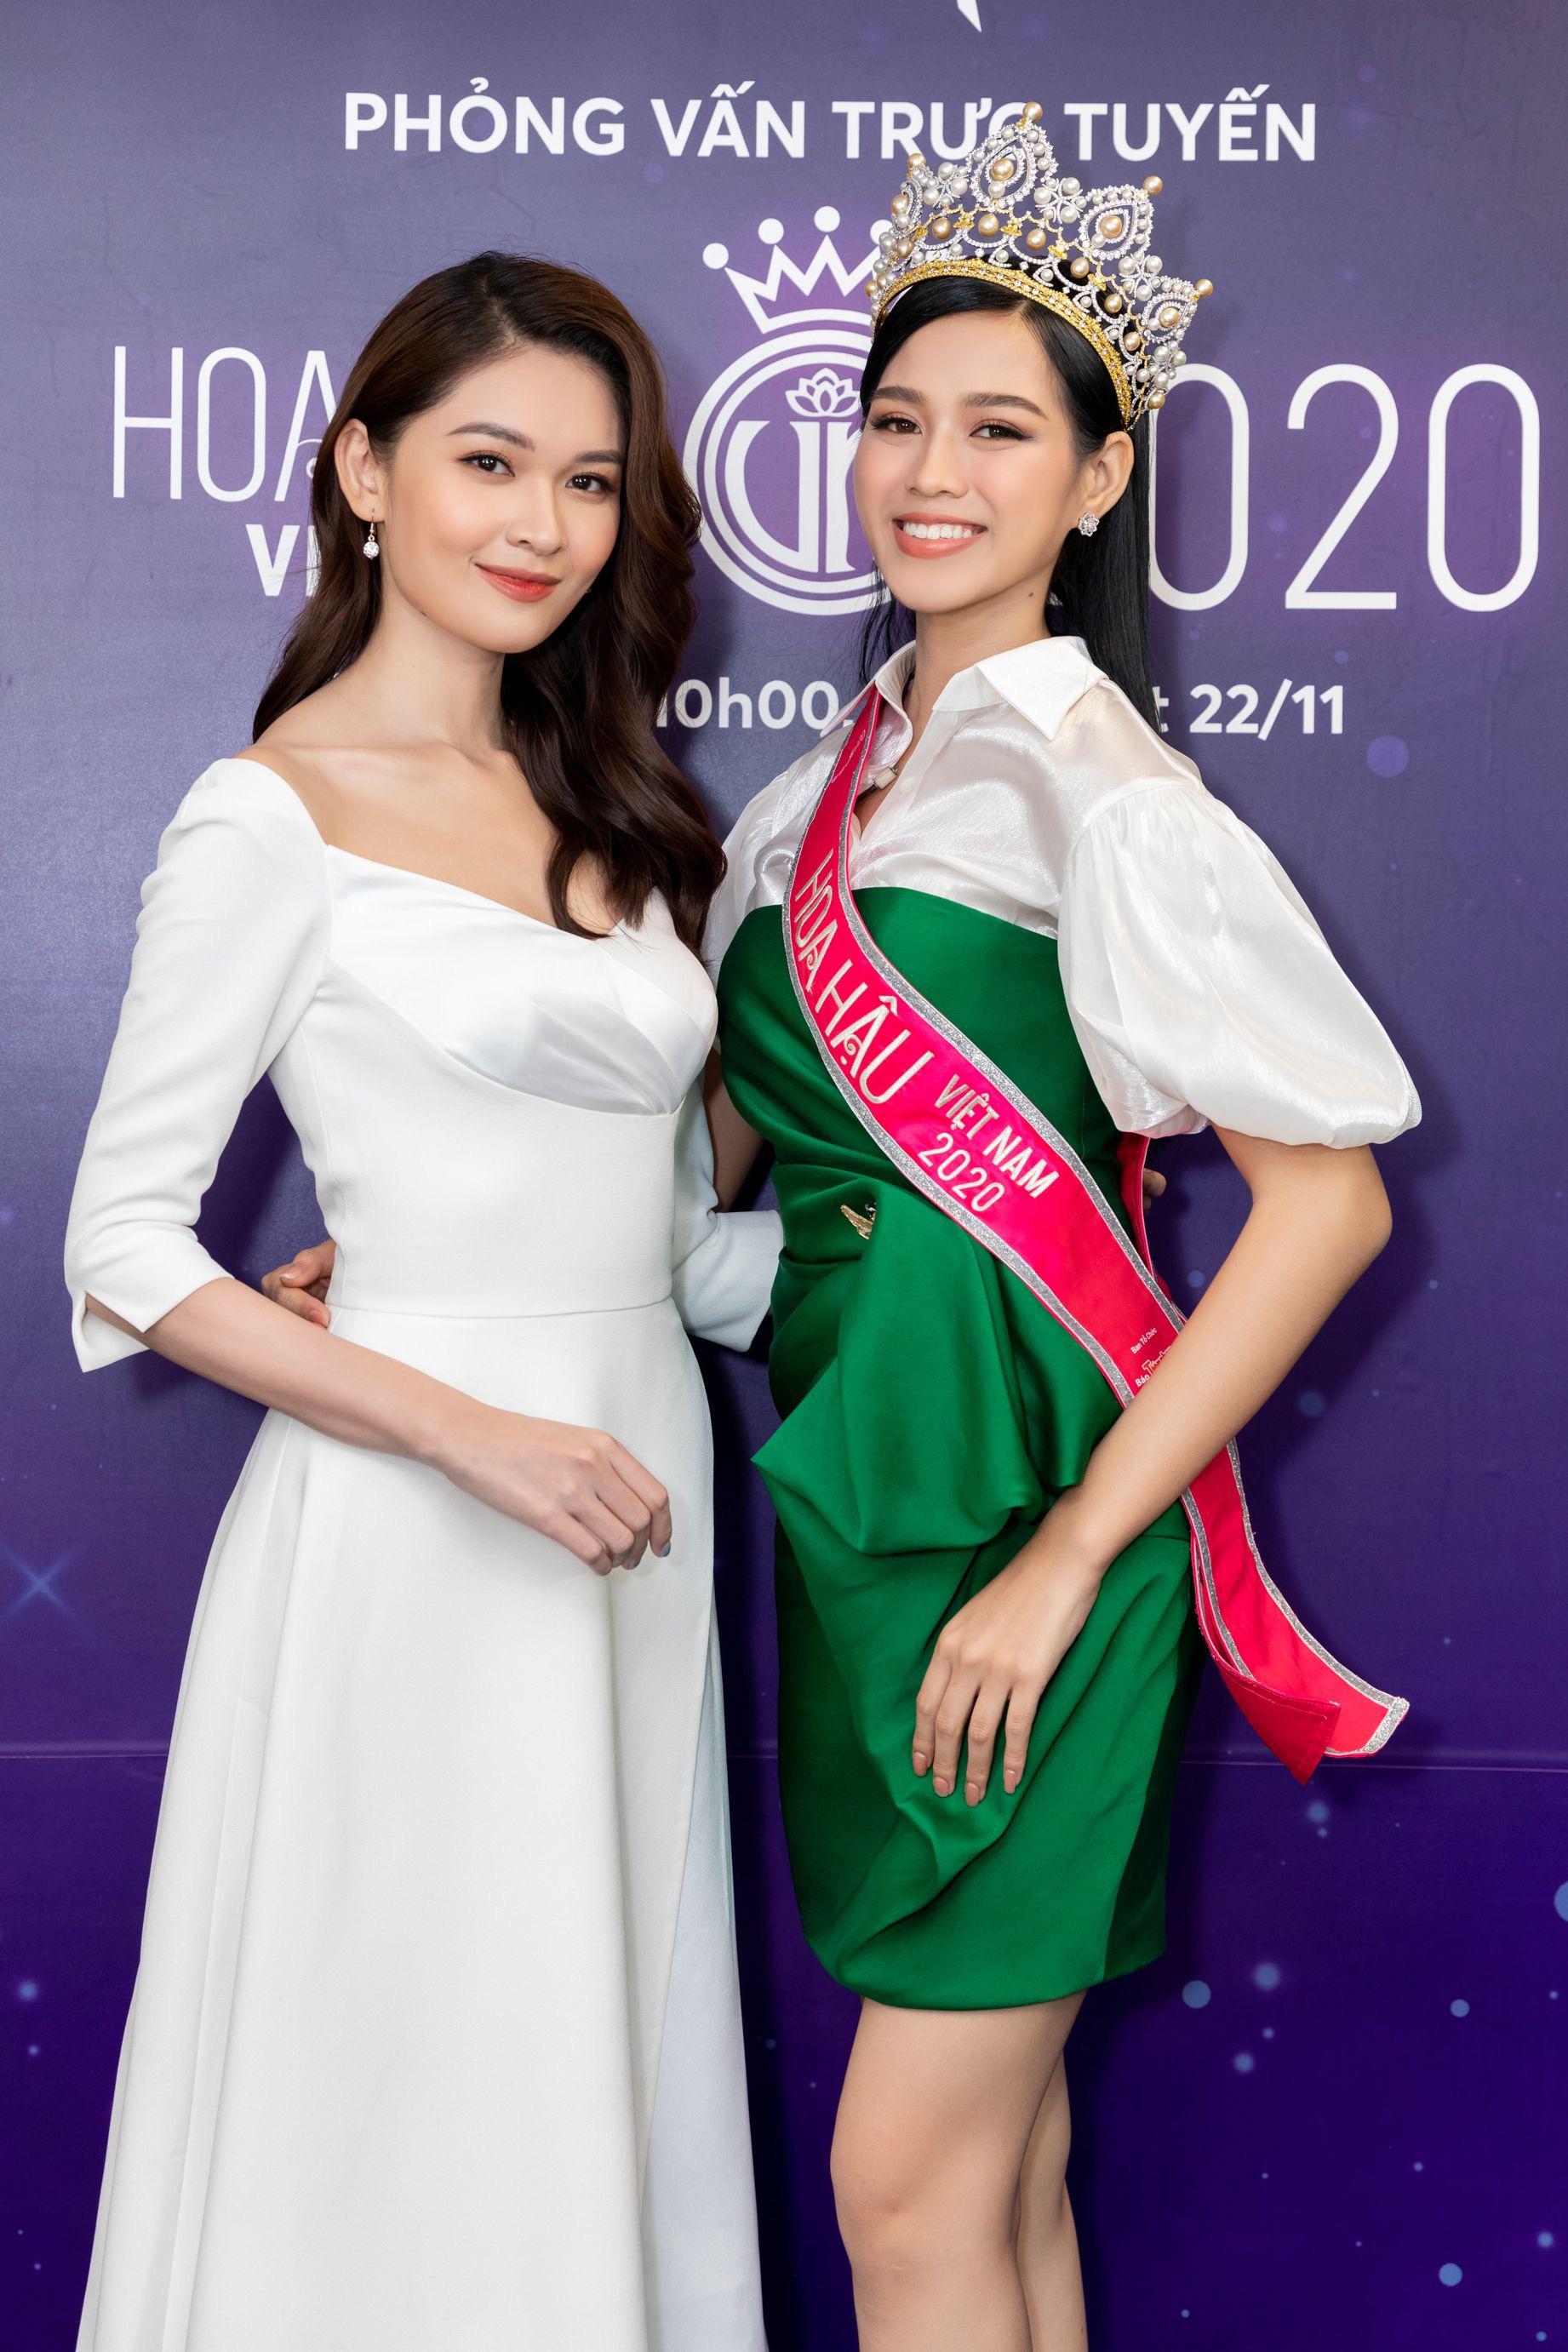 Á hậu Thùy Dung hé lộ cảm nhận đặc biệt về tân Hoa hậu Việt Nam Đỗ Thị Hà - Ảnh 4.